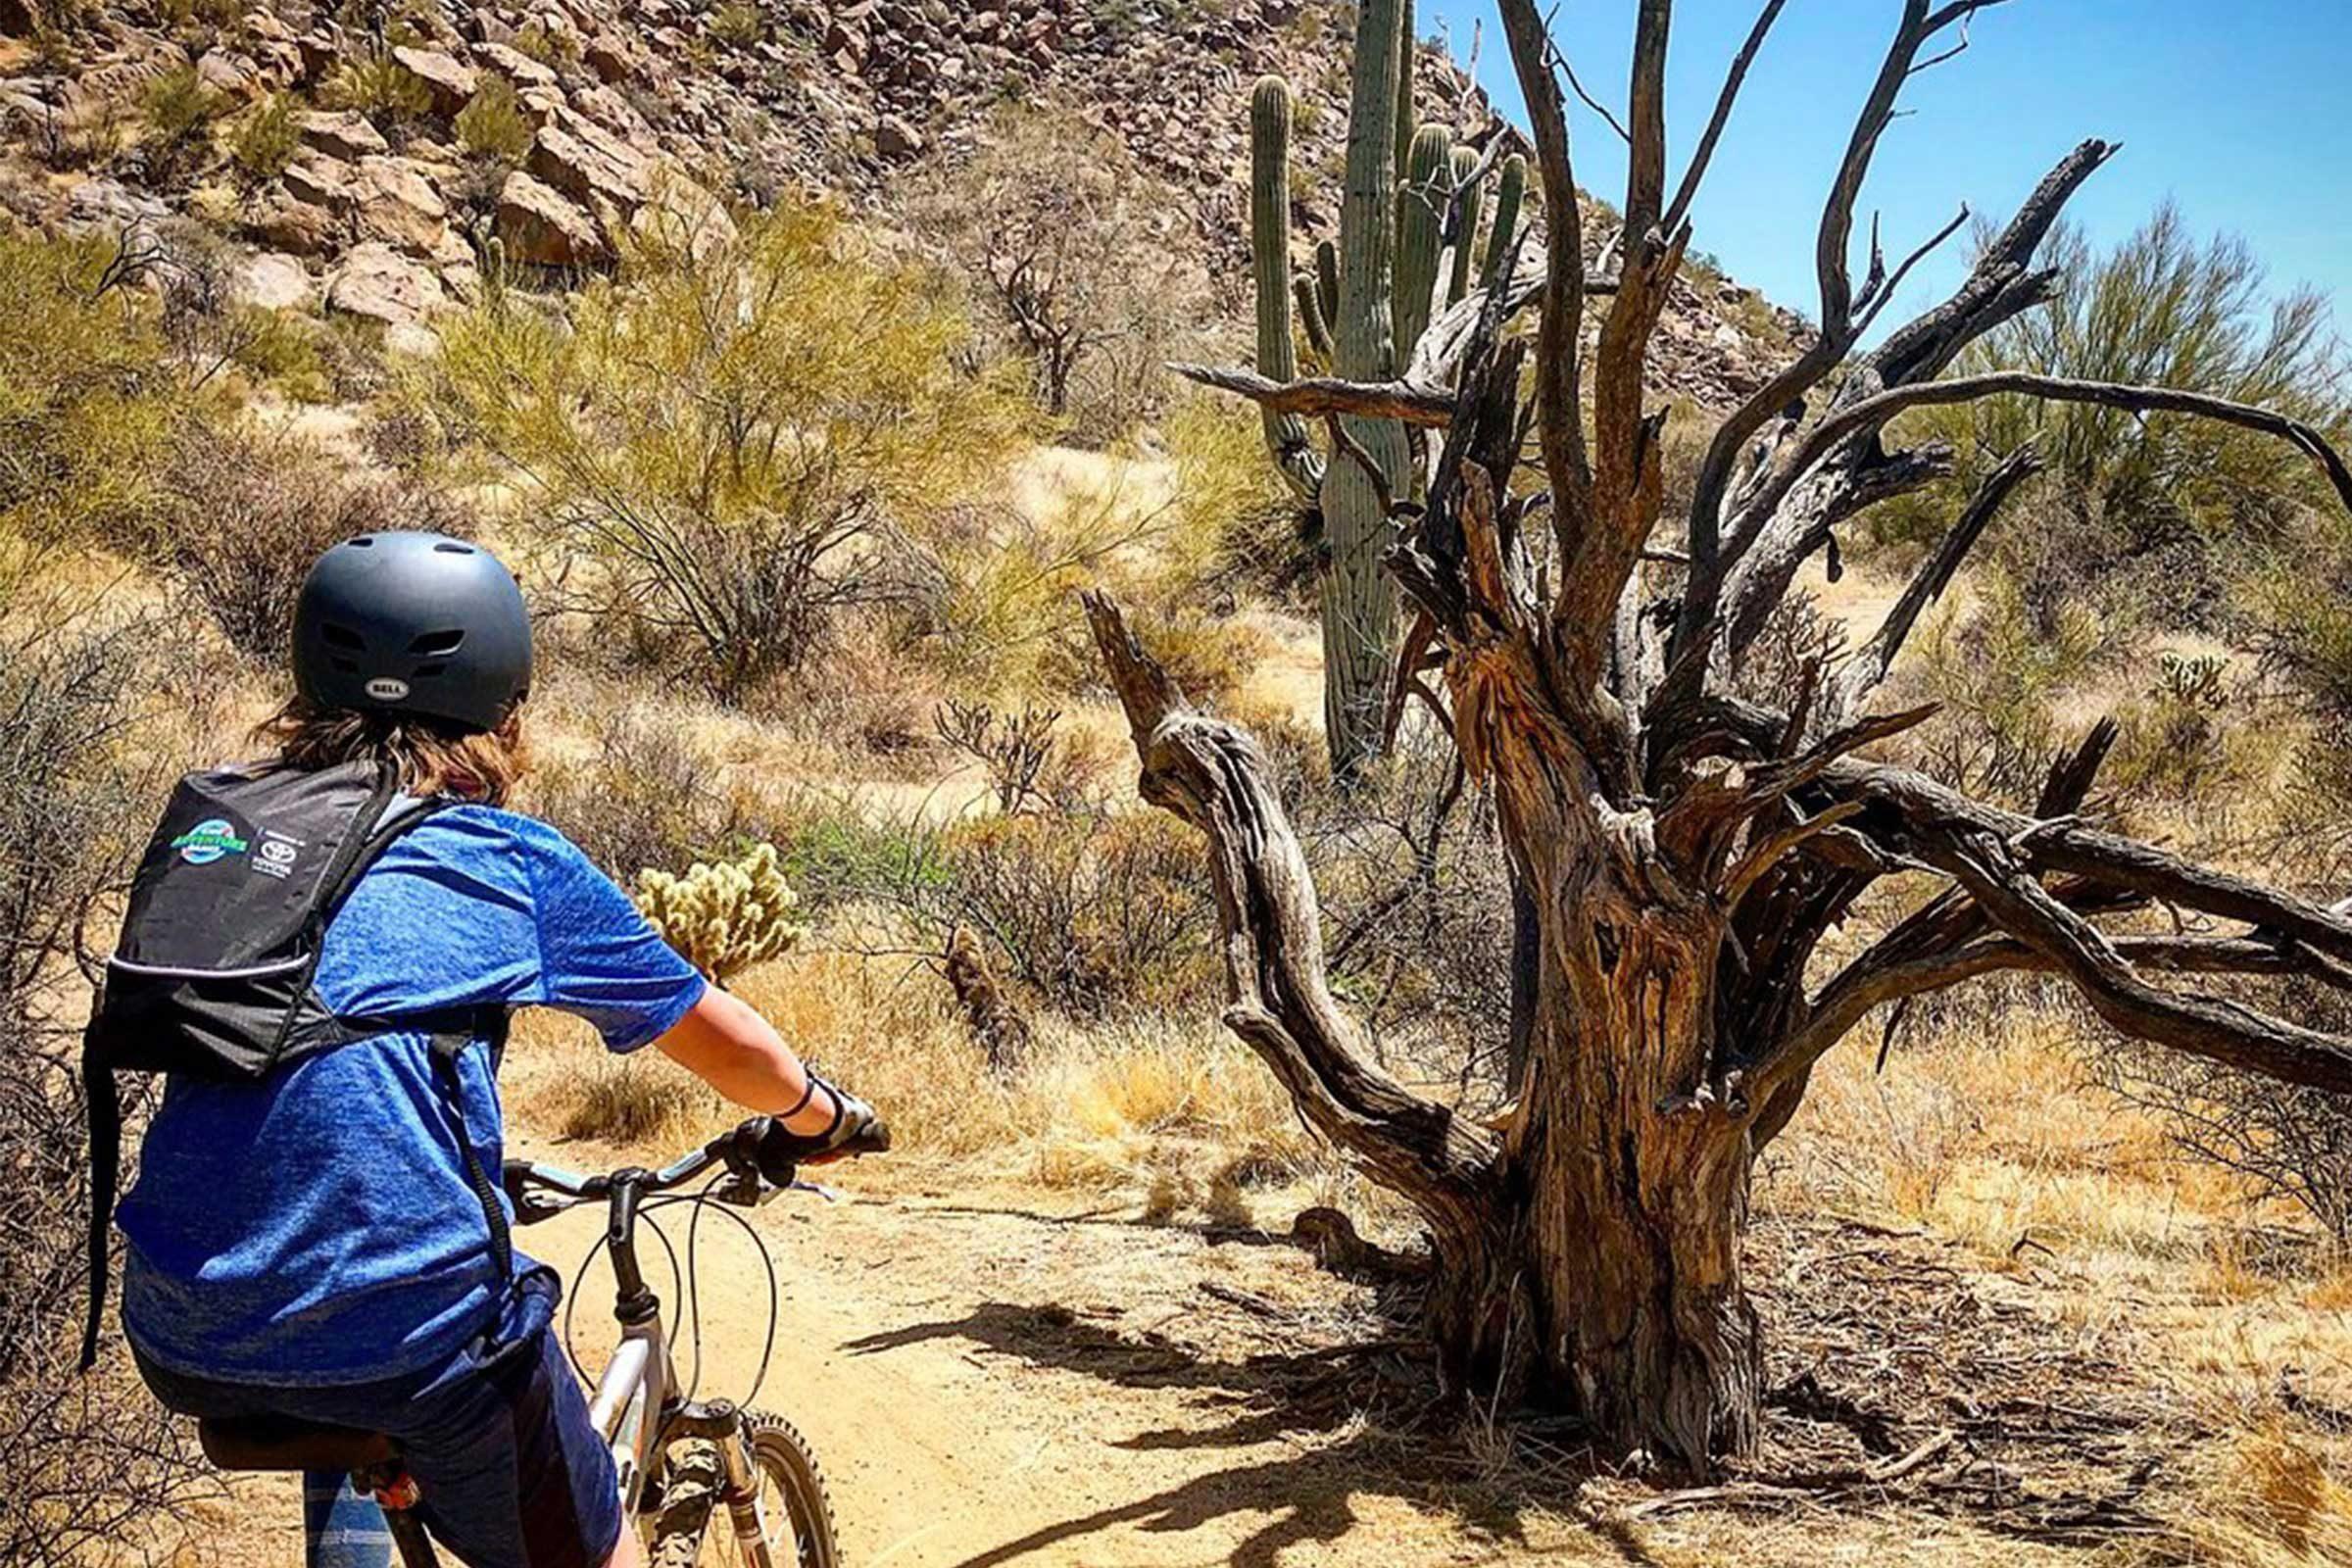 Kid on bike in desert